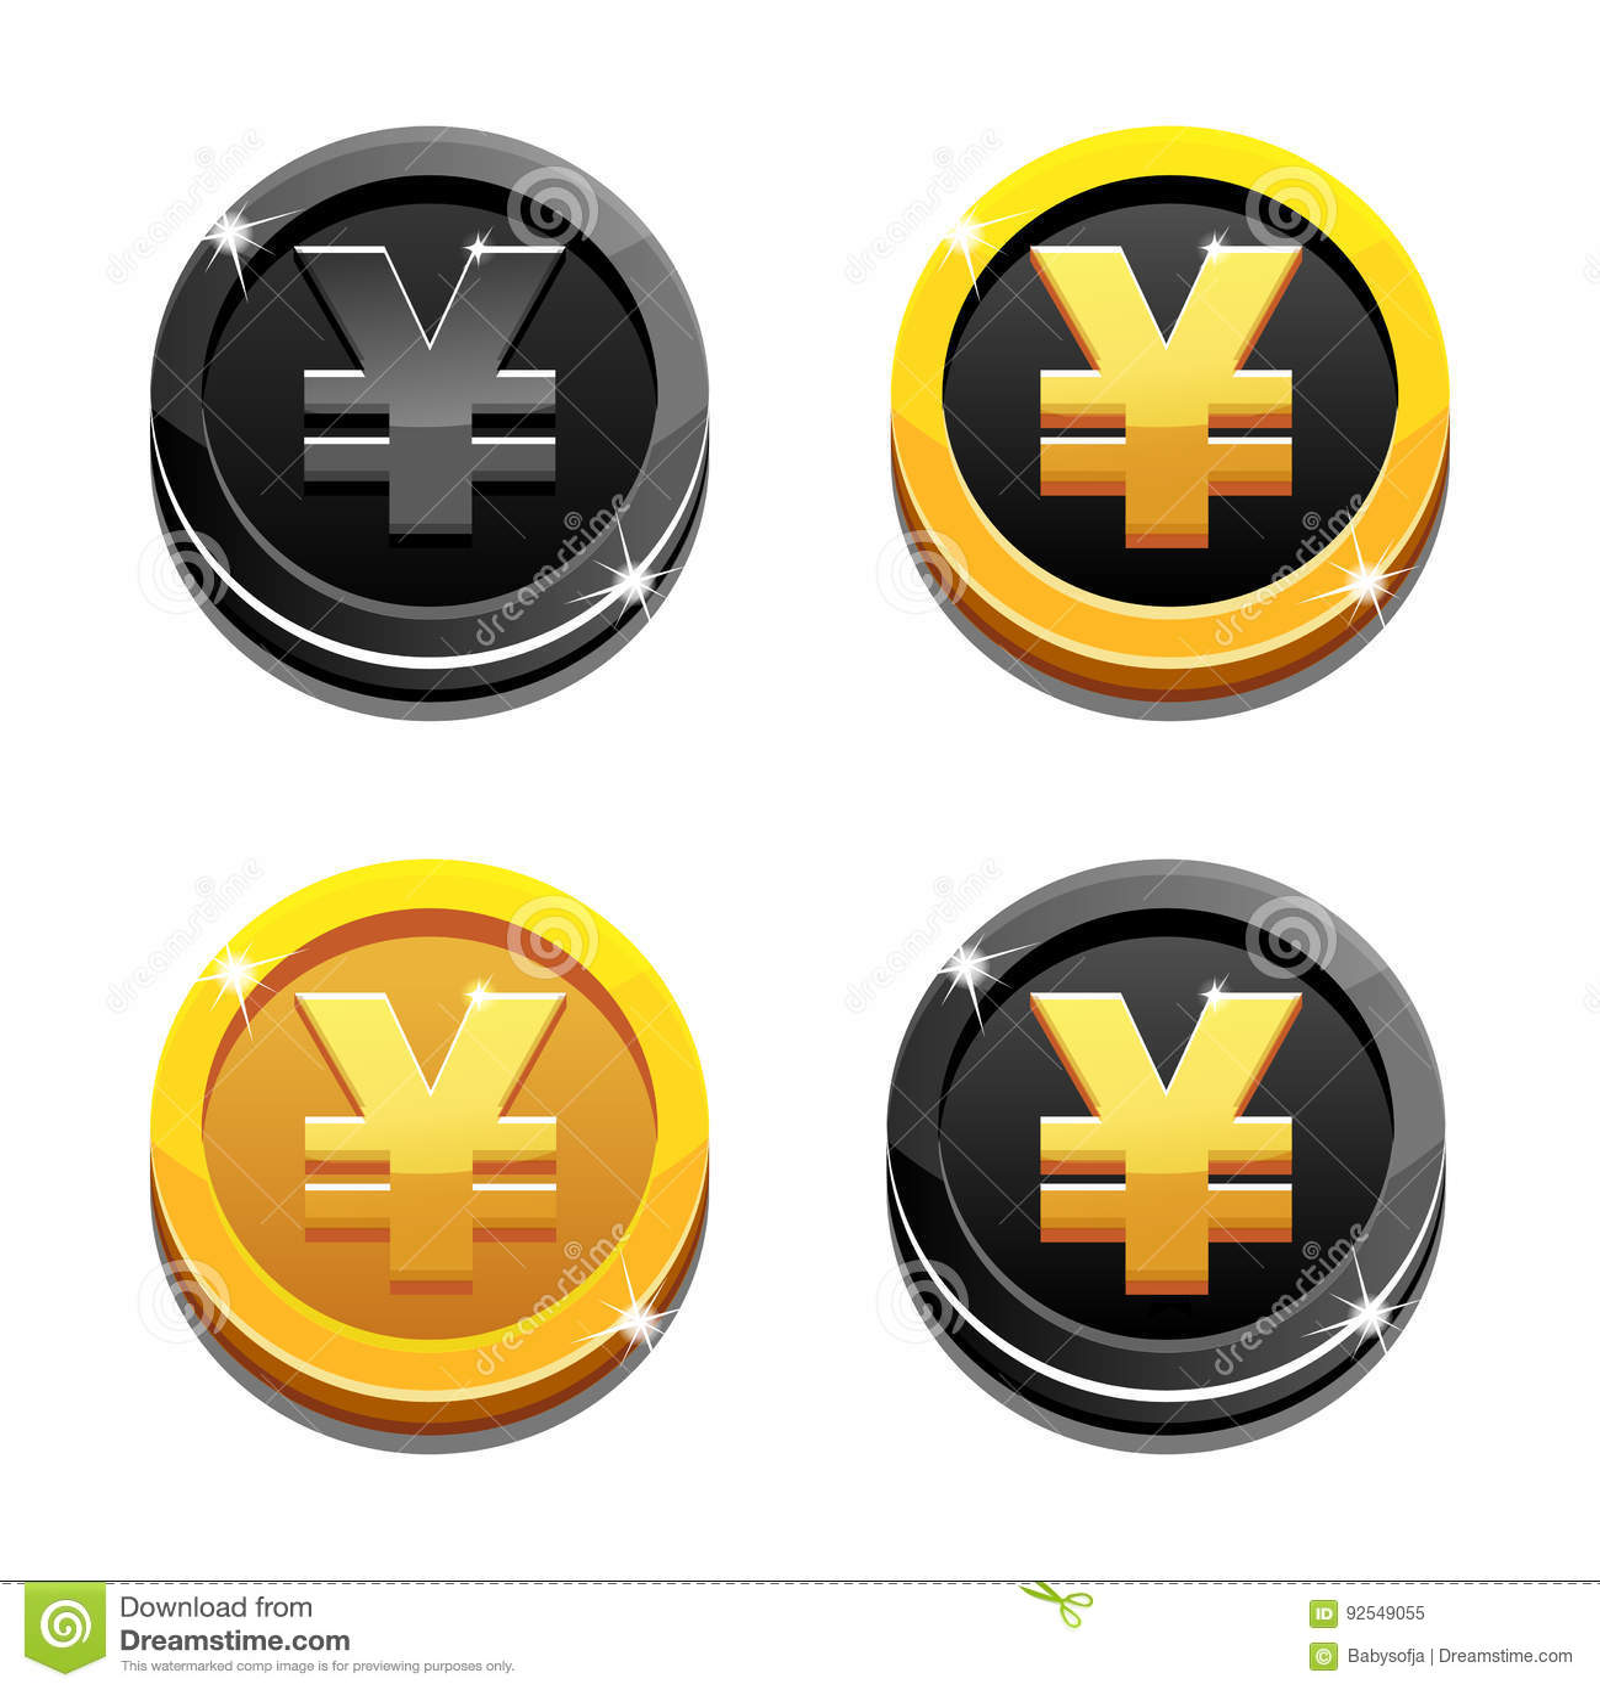 Cartoon set golden and black yen coin yuan symbol chinese money cartoon set golden and black yen coin yuan symbol chinese money biocorpaavc